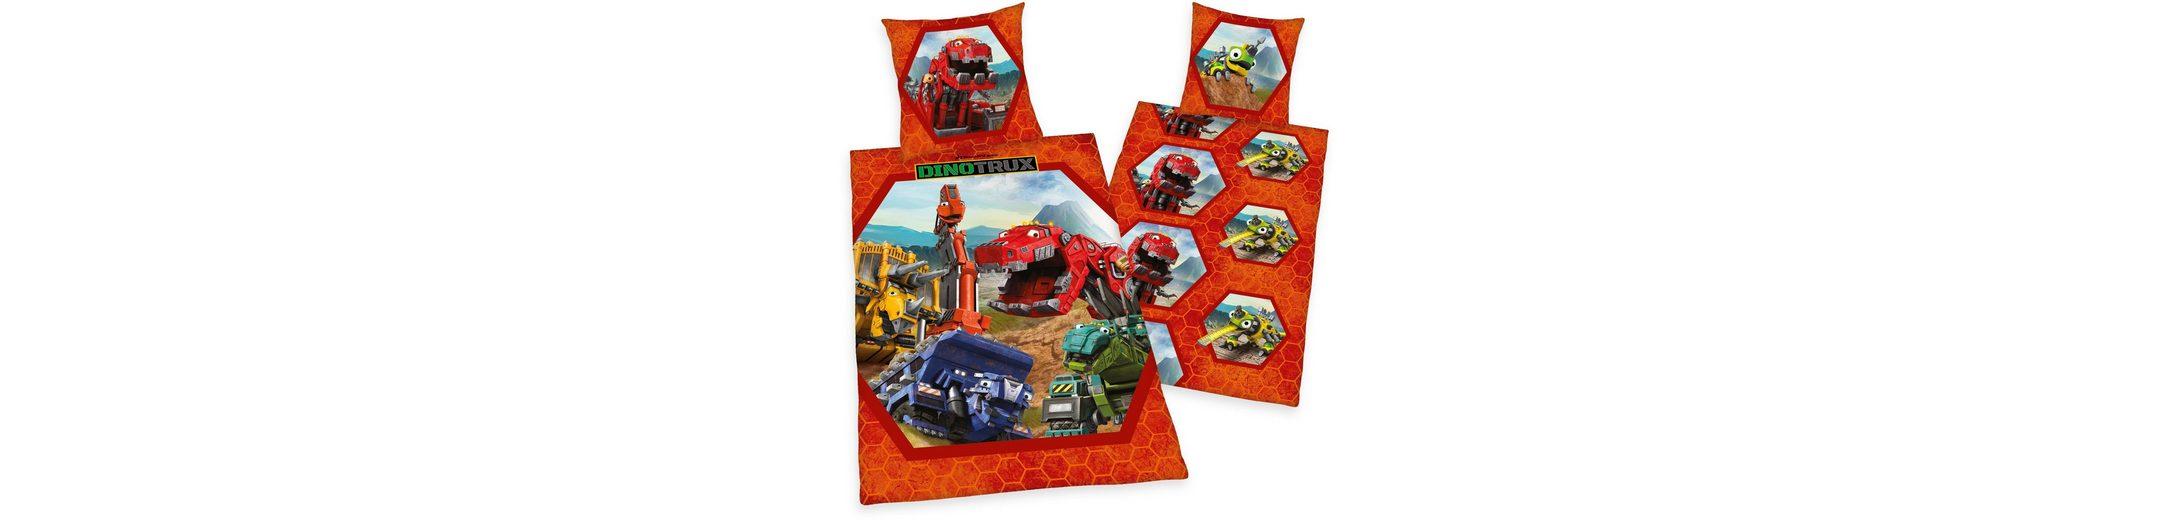 Kinderbettwäsche, DreamWorks, »Dinotrux«, mit Motiven